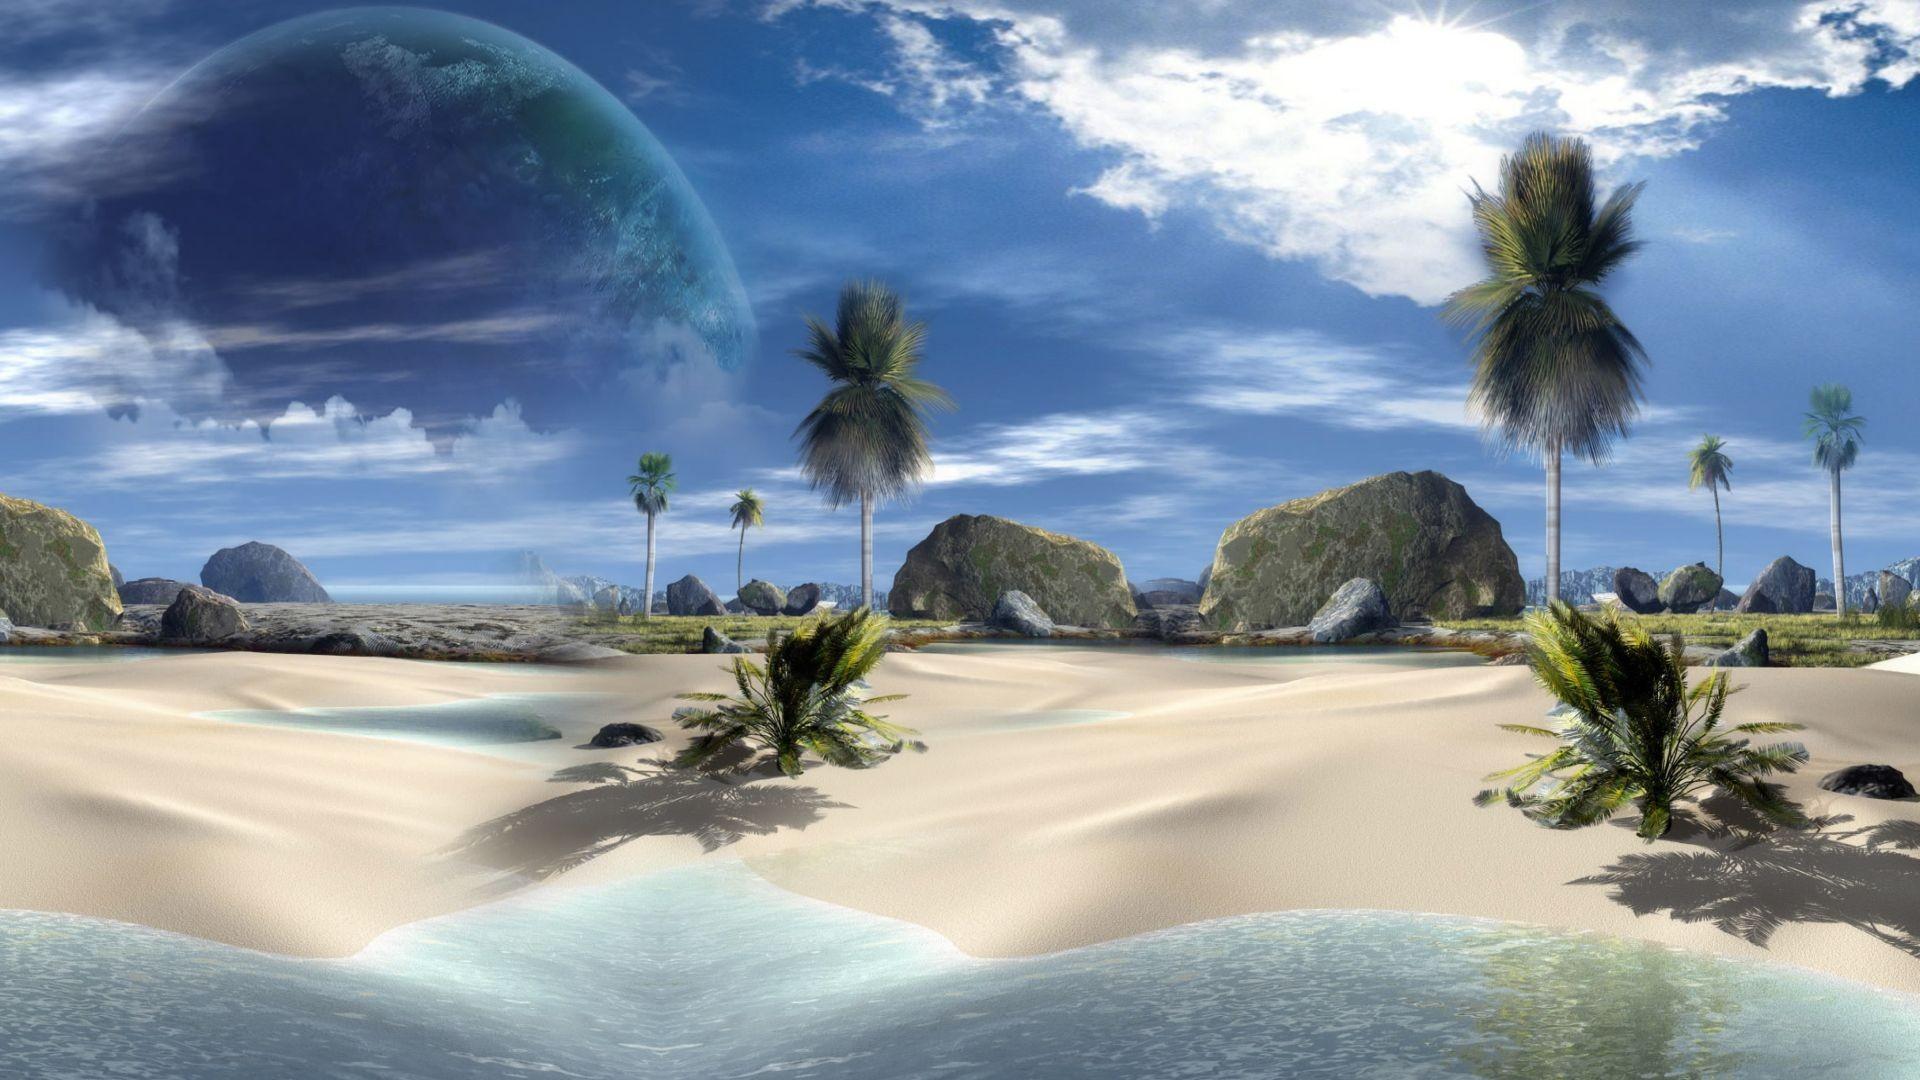 1080P Tropical Landscape Wallpapers